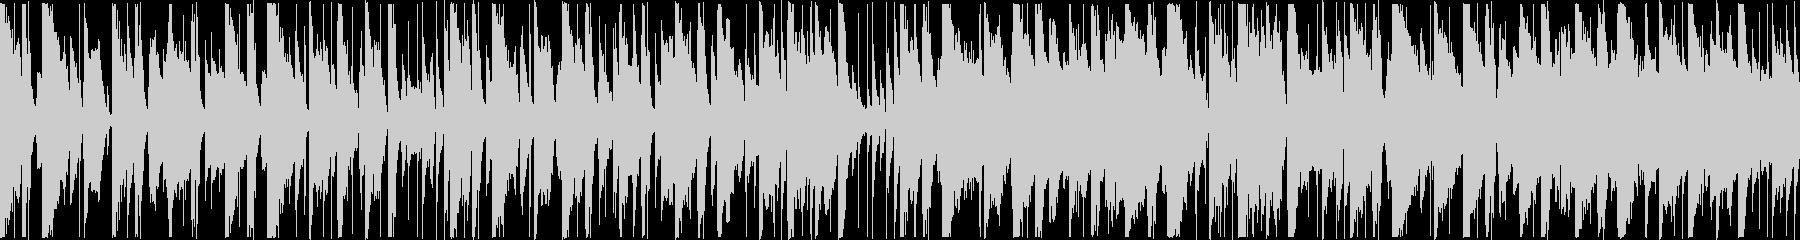 定番曲:のどかな日常[ループ・ショート]の未再生の波形